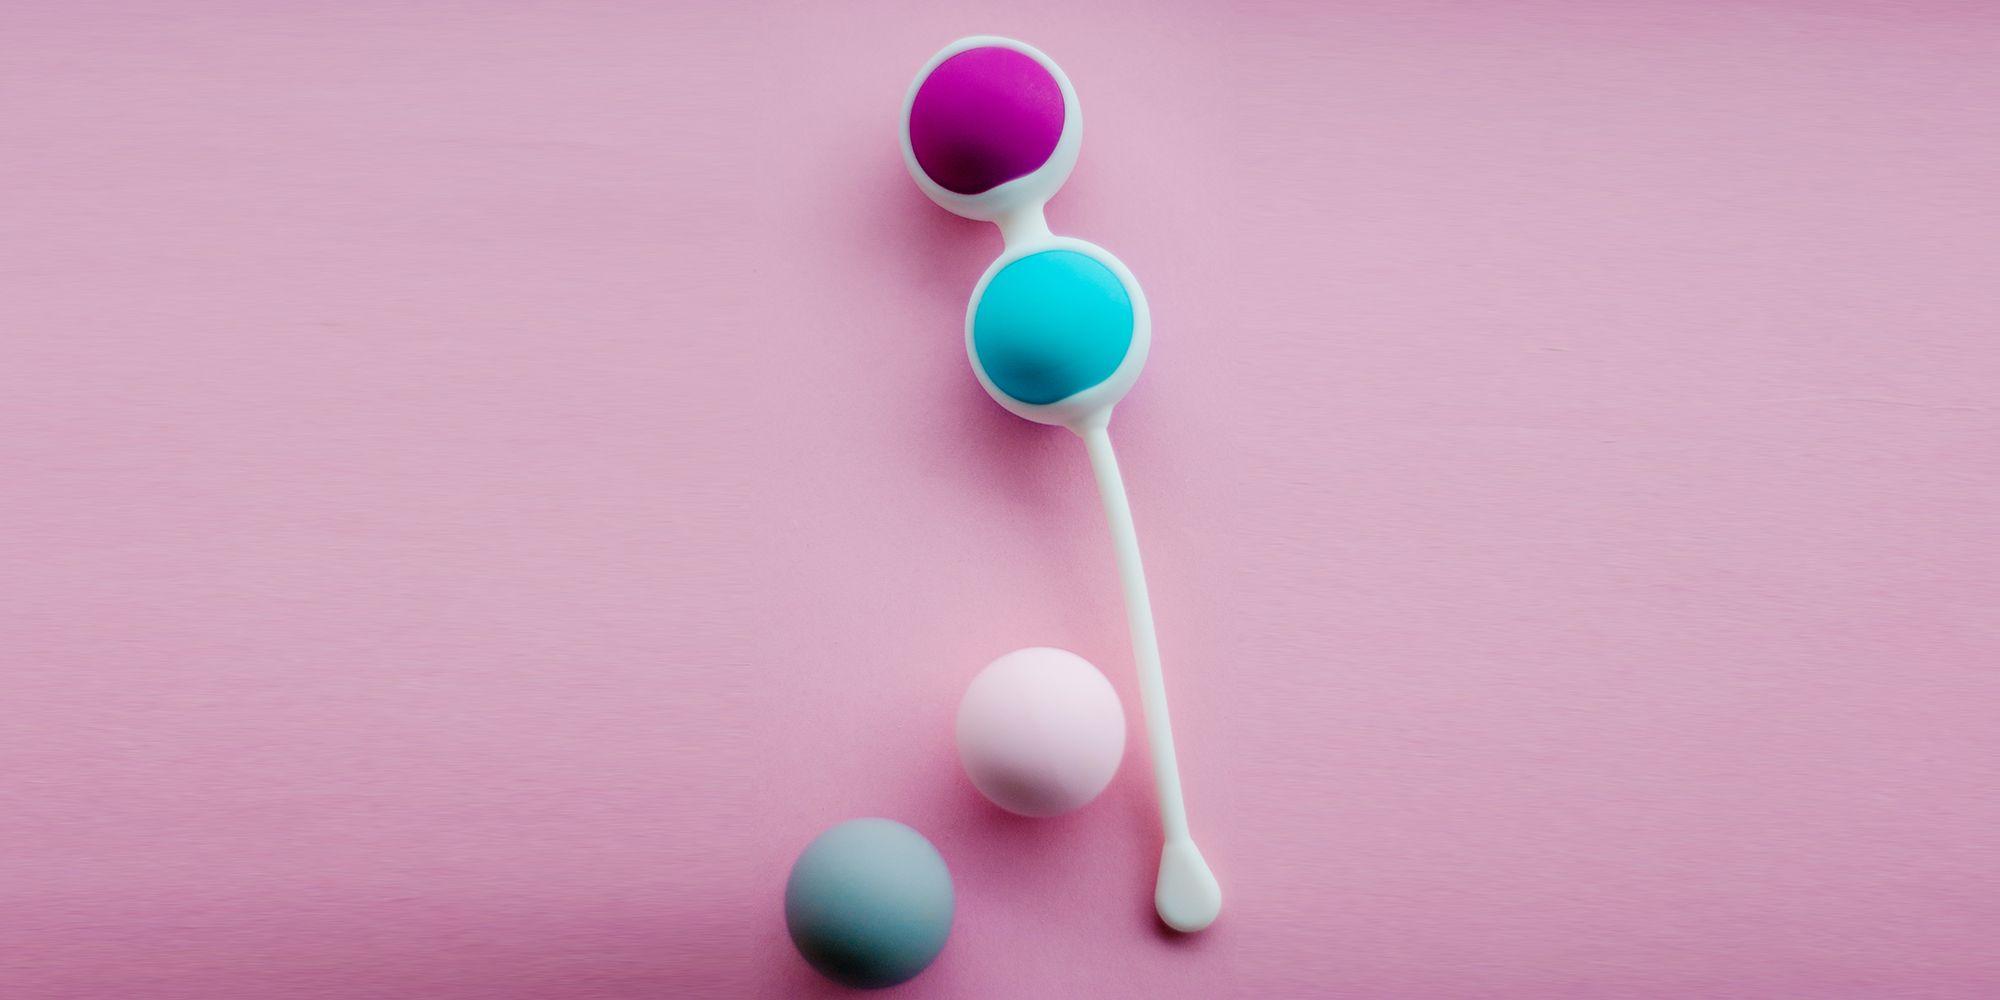 Color Kegel Balls Geisha Balls In Pink Background